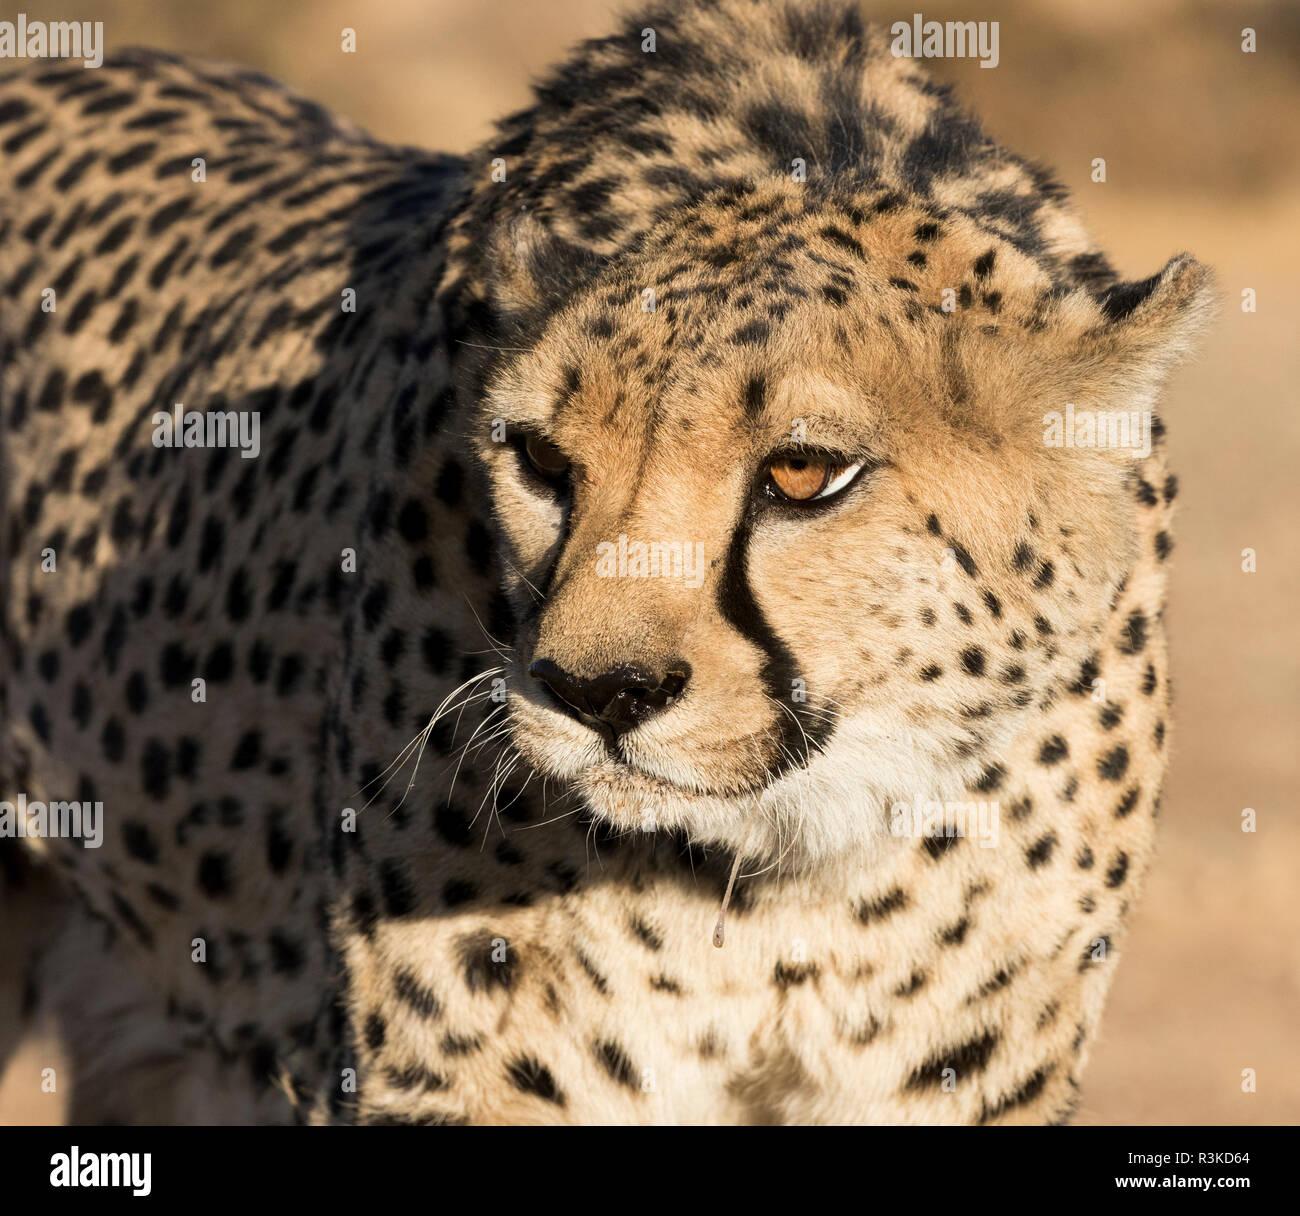 Africa, Namibia, Keetmanshoop. Portrait of cheetah. Credit as: Wendy Kaveney / Jaynes Gallery / DanitaDelimont.com Stock Photo